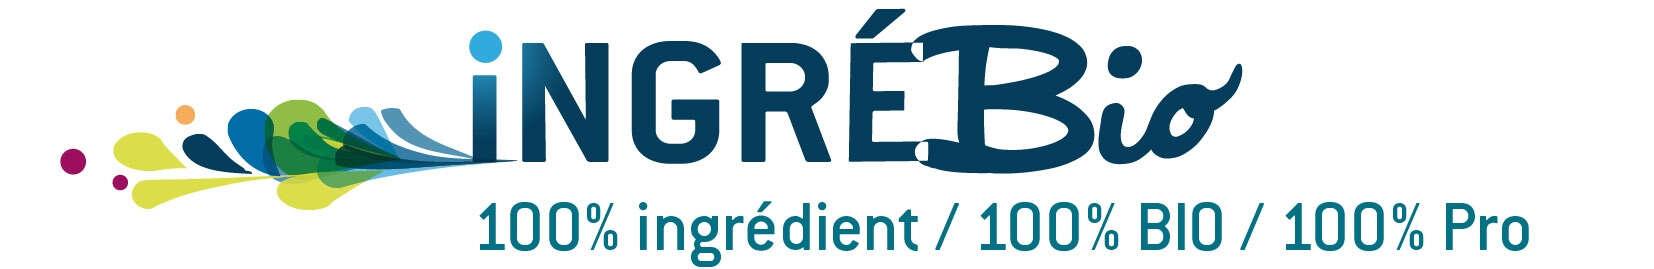 Ingrédients Biologiques Alimentaires   Ingrébio, le magazine des  ingrédients alimentaires biologiques.